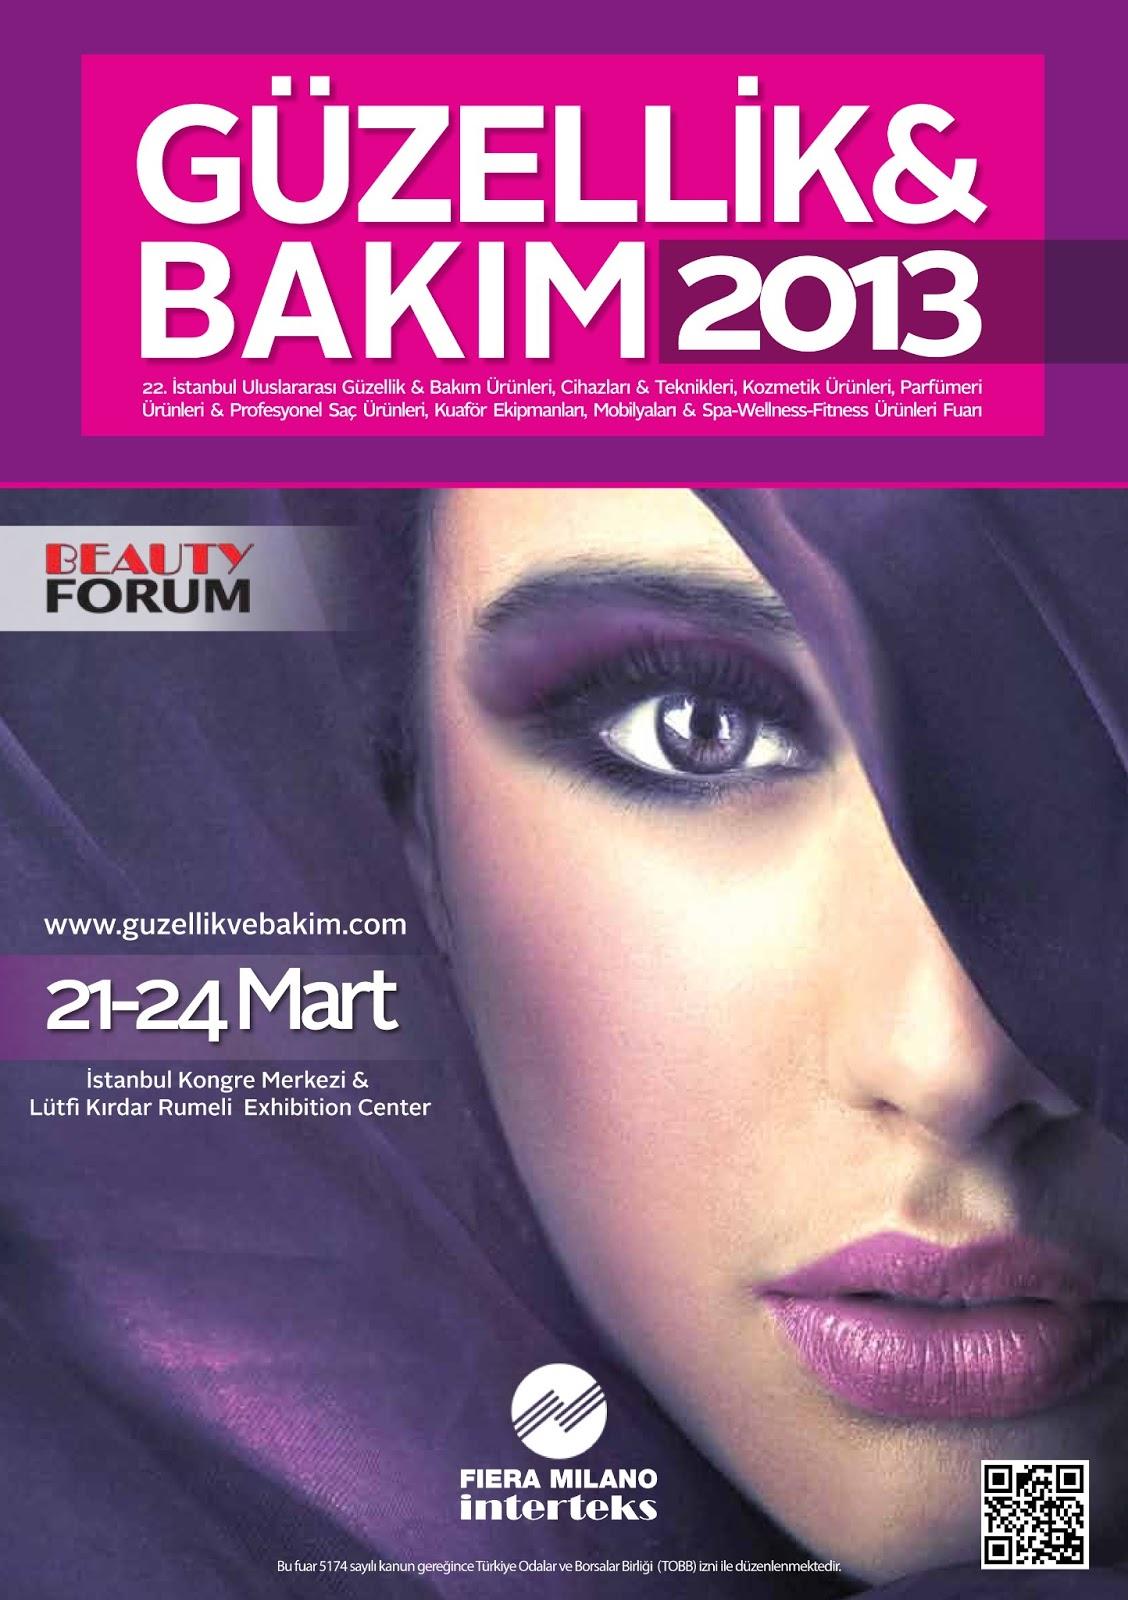 Güzellik ve bakım fuarı 2013